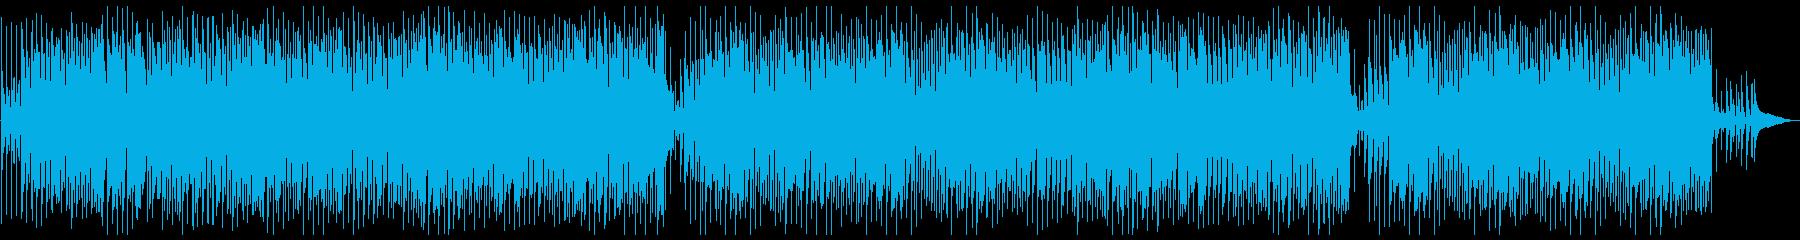 軽快で妖艶なレトロなジプシージャズの再生済みの波形